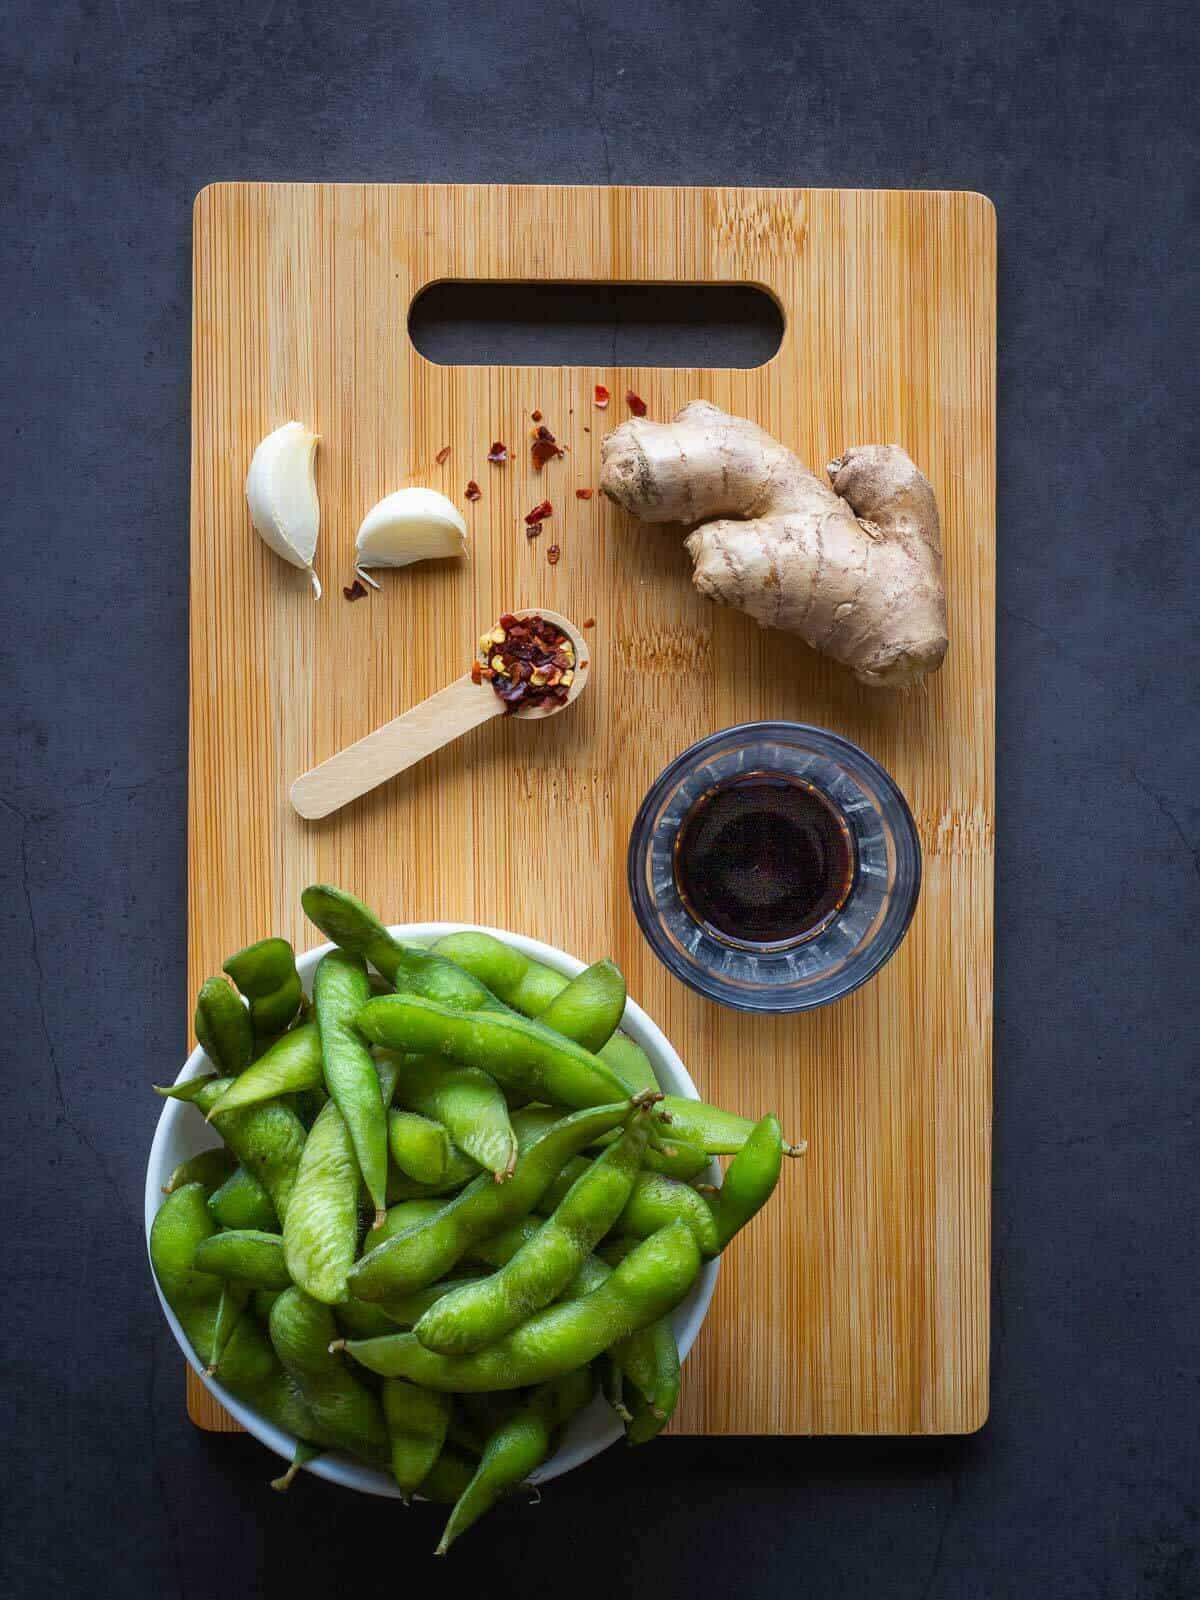 Garlic Edamame Ingredients